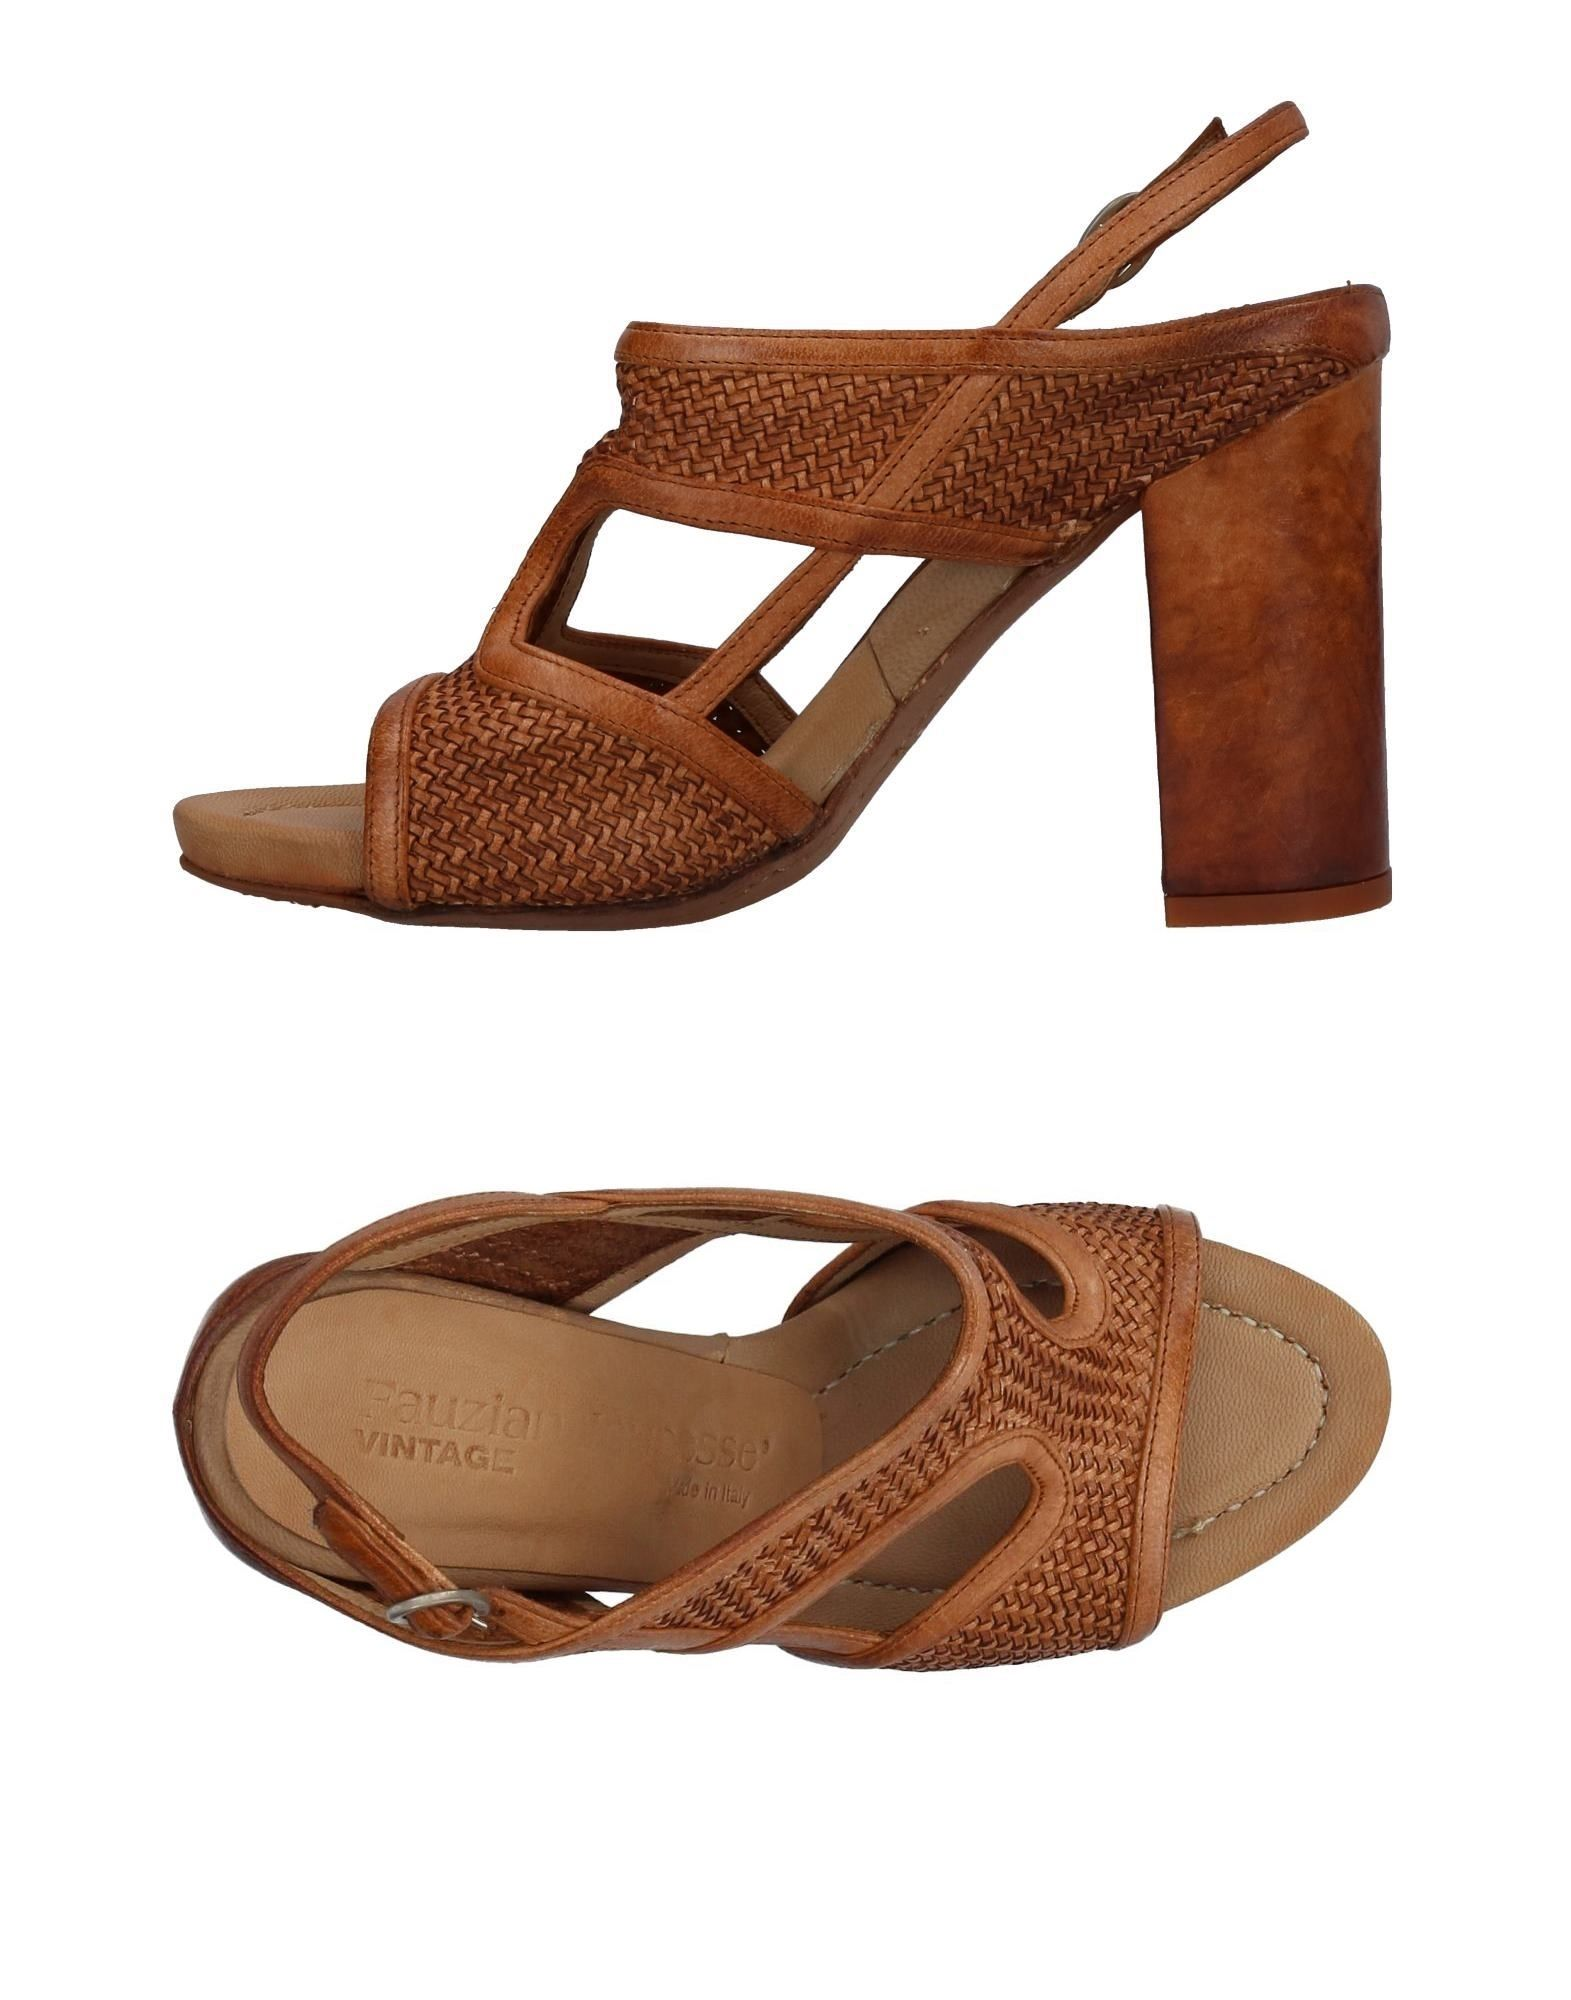 Fauzian Jeunesse Vintage Sandalen Damen  11385125BW Gute Qualität beliebte Schuhe